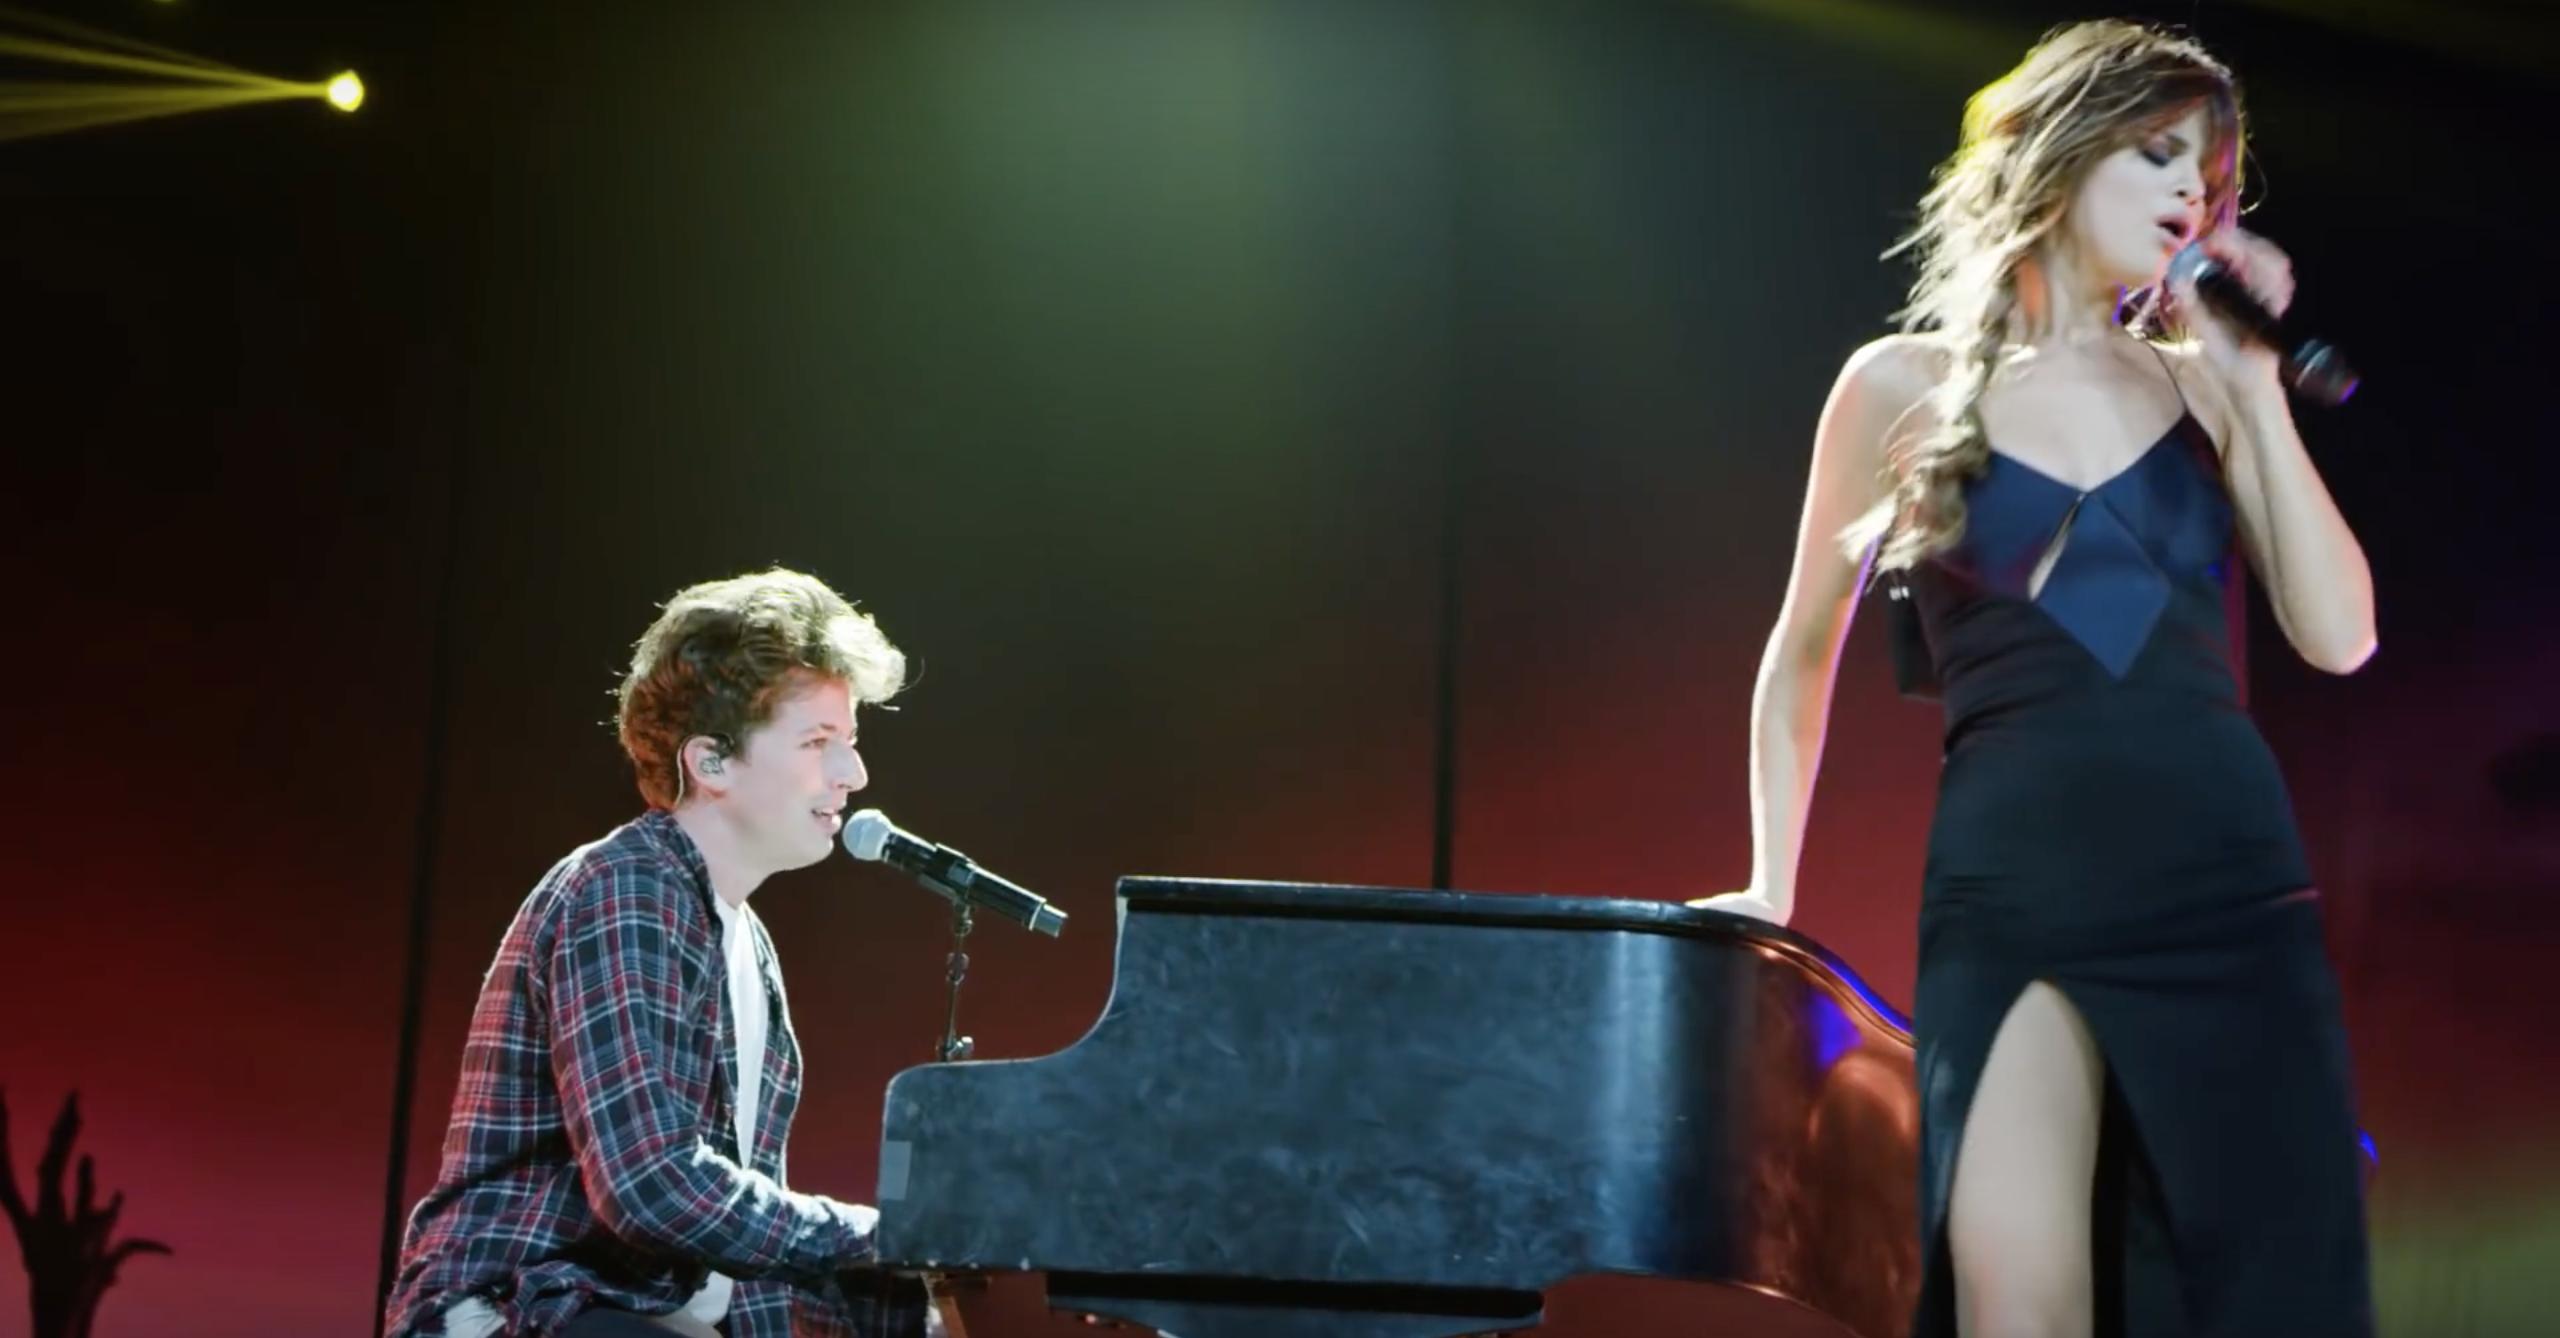 """Cặp đôi đã có phần song ca ngọt ngào trong ca khúc """"We Don't Talk Anymore"""" làm khán giả điên đảo."""